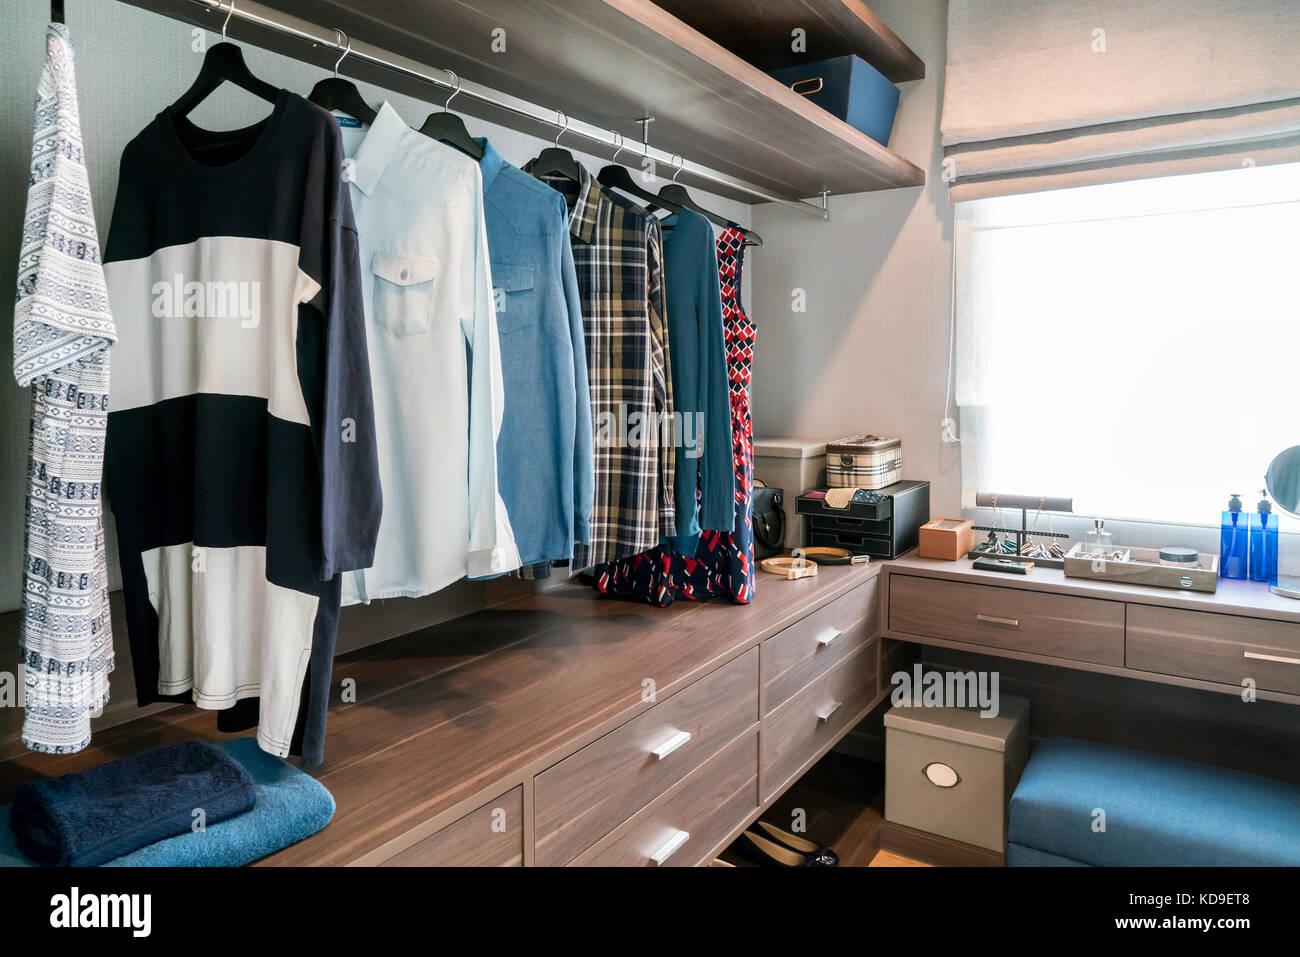 Habitación con estantes de madera y vestidos colgando debajo del bastidor 8303377a502